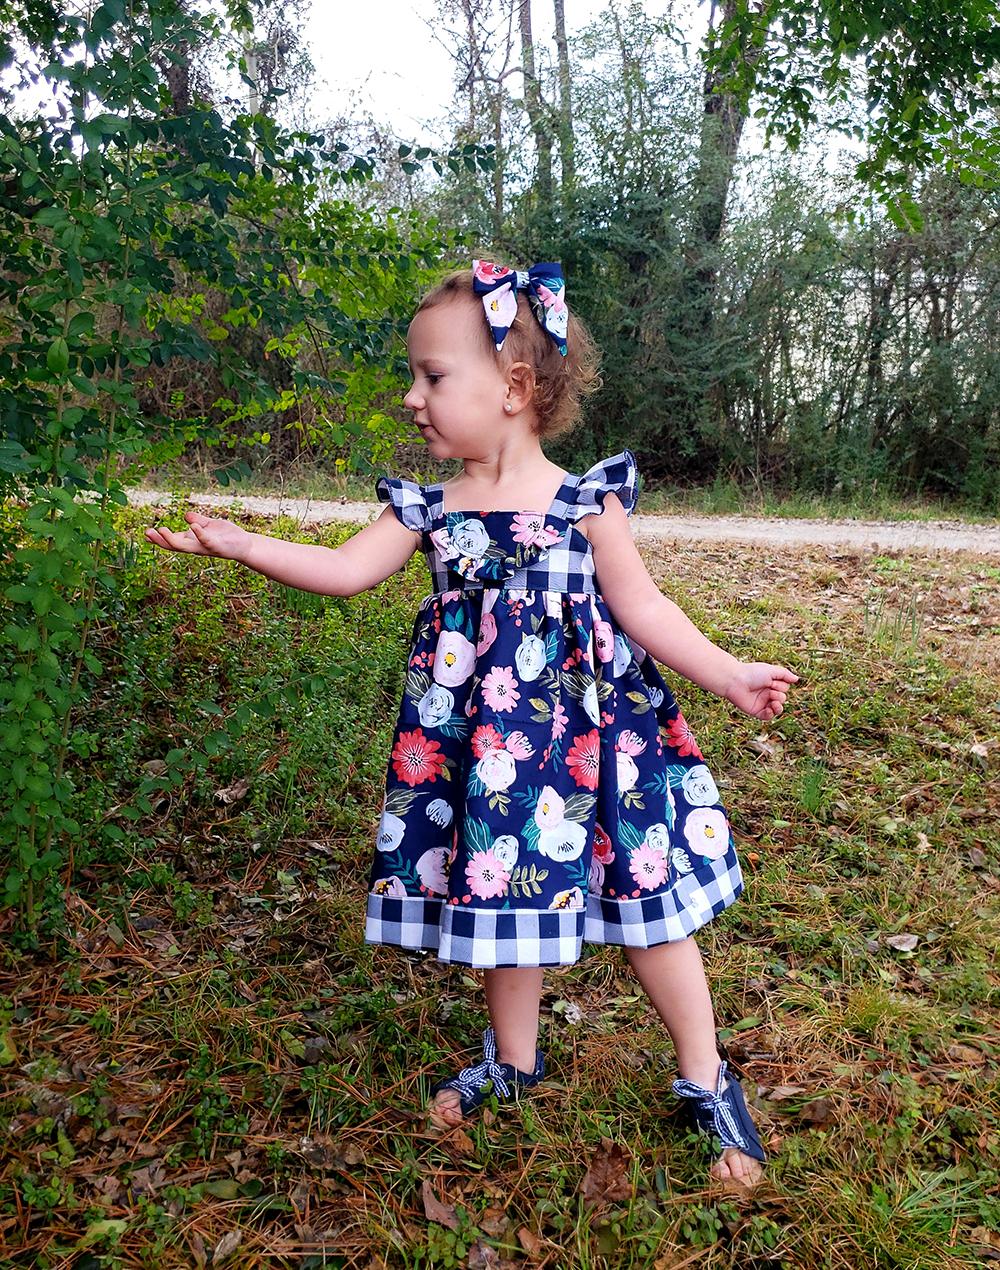 Ashlynn's Dress Sizes NB to 14 Kids PDF Pattern